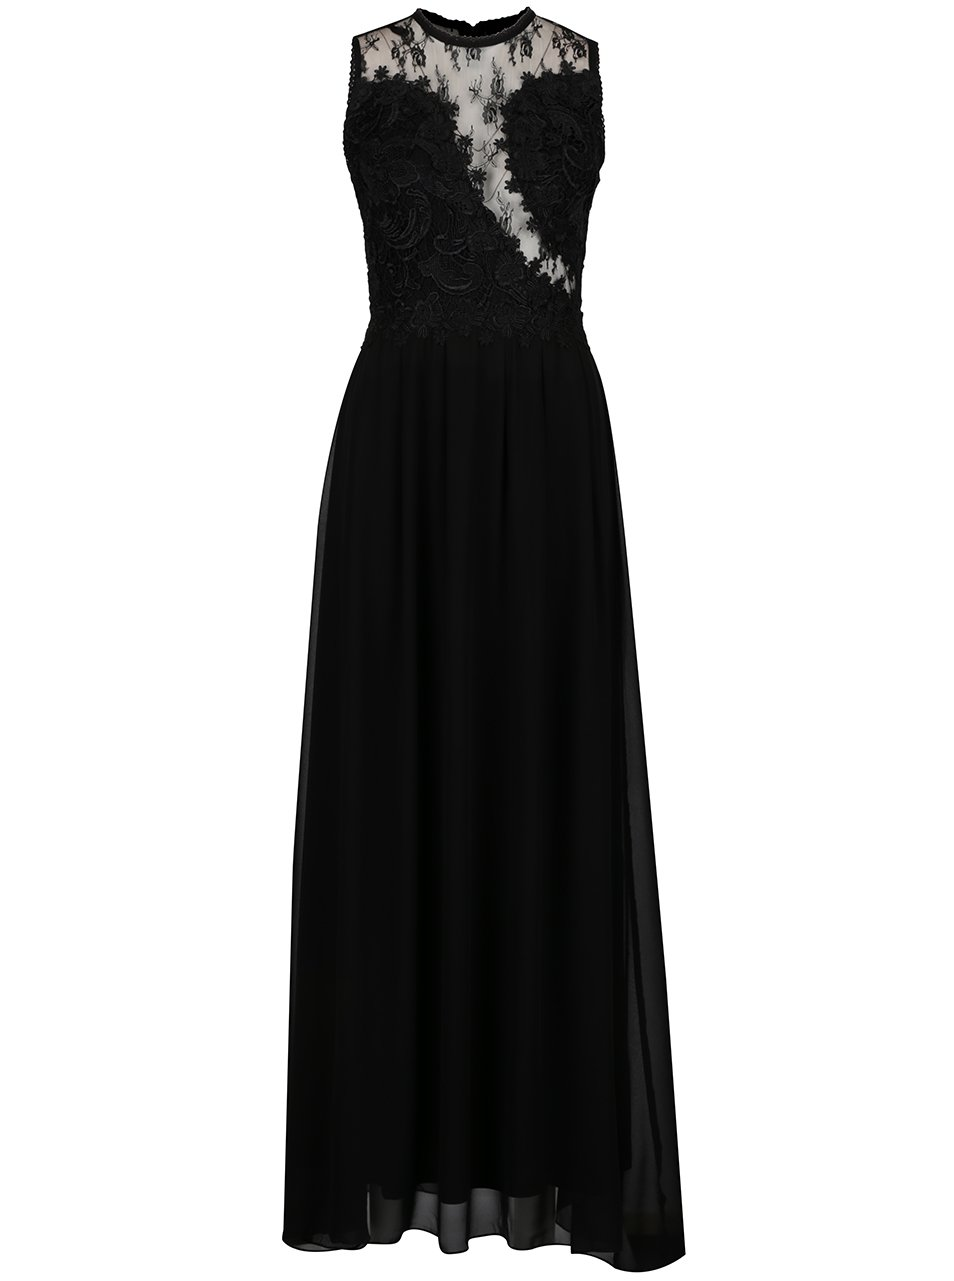 65519fc29ee3 Čierne dlhé šaty s čipkovanou hornou časťou a priesvitnými detailmi AX Paris